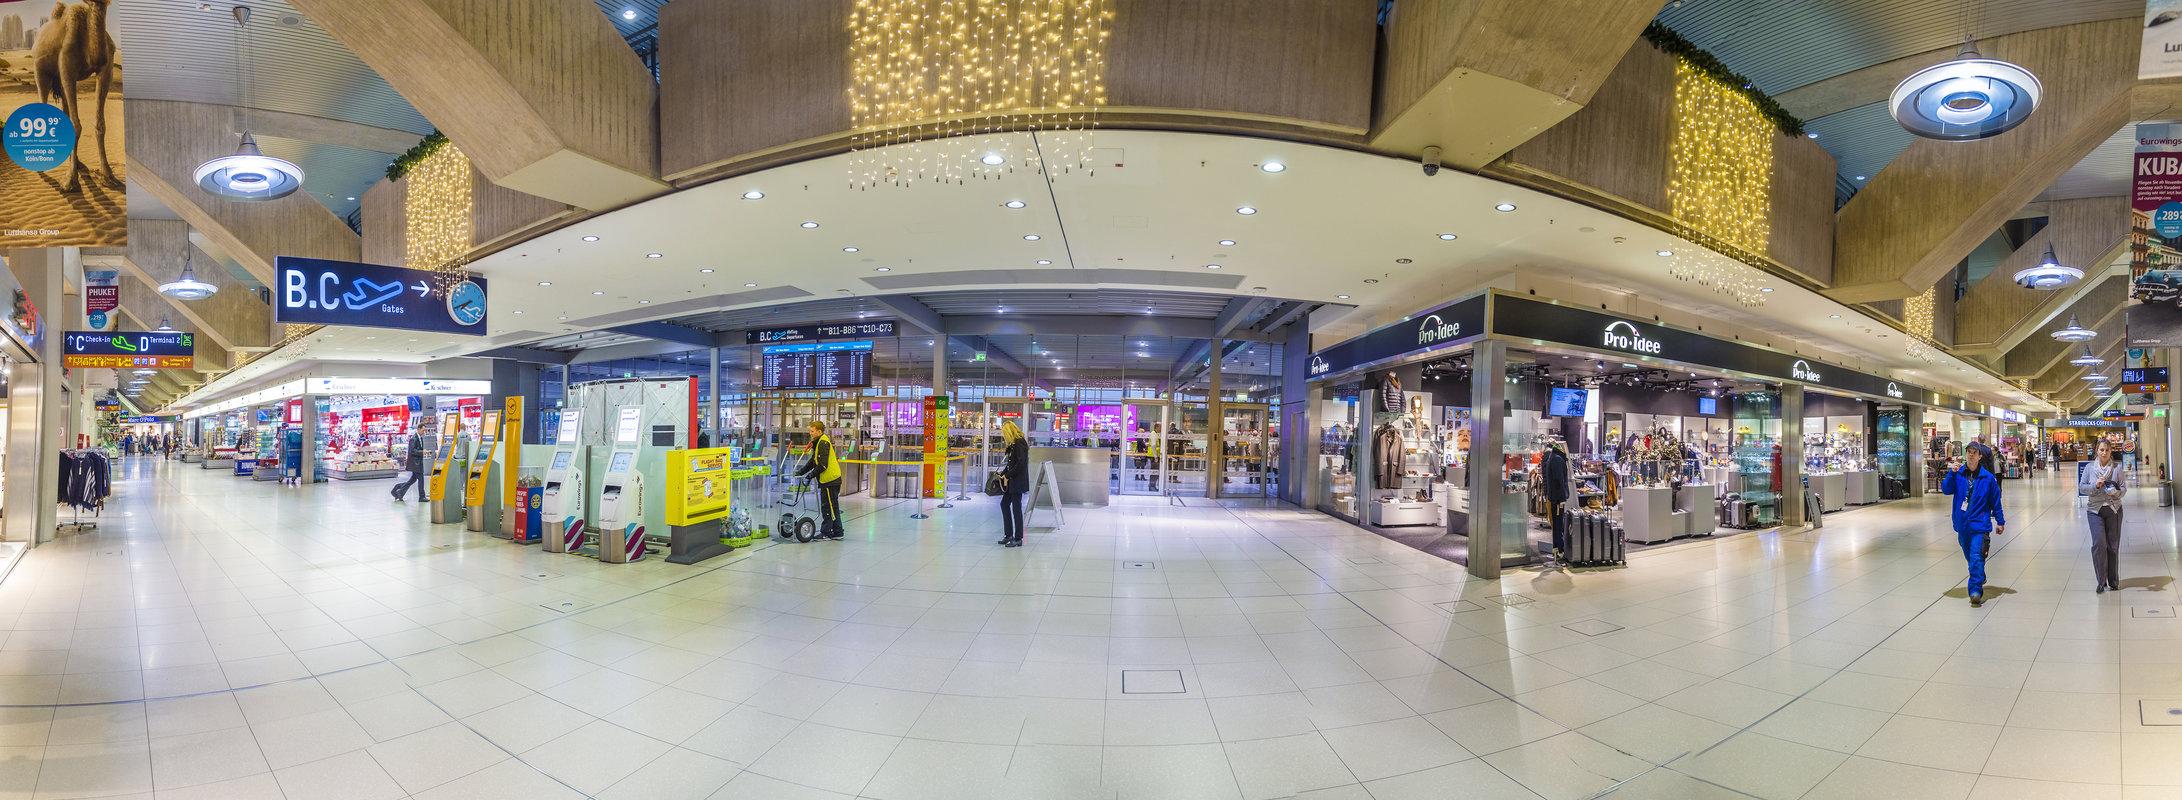 sub-m-shopping-mall